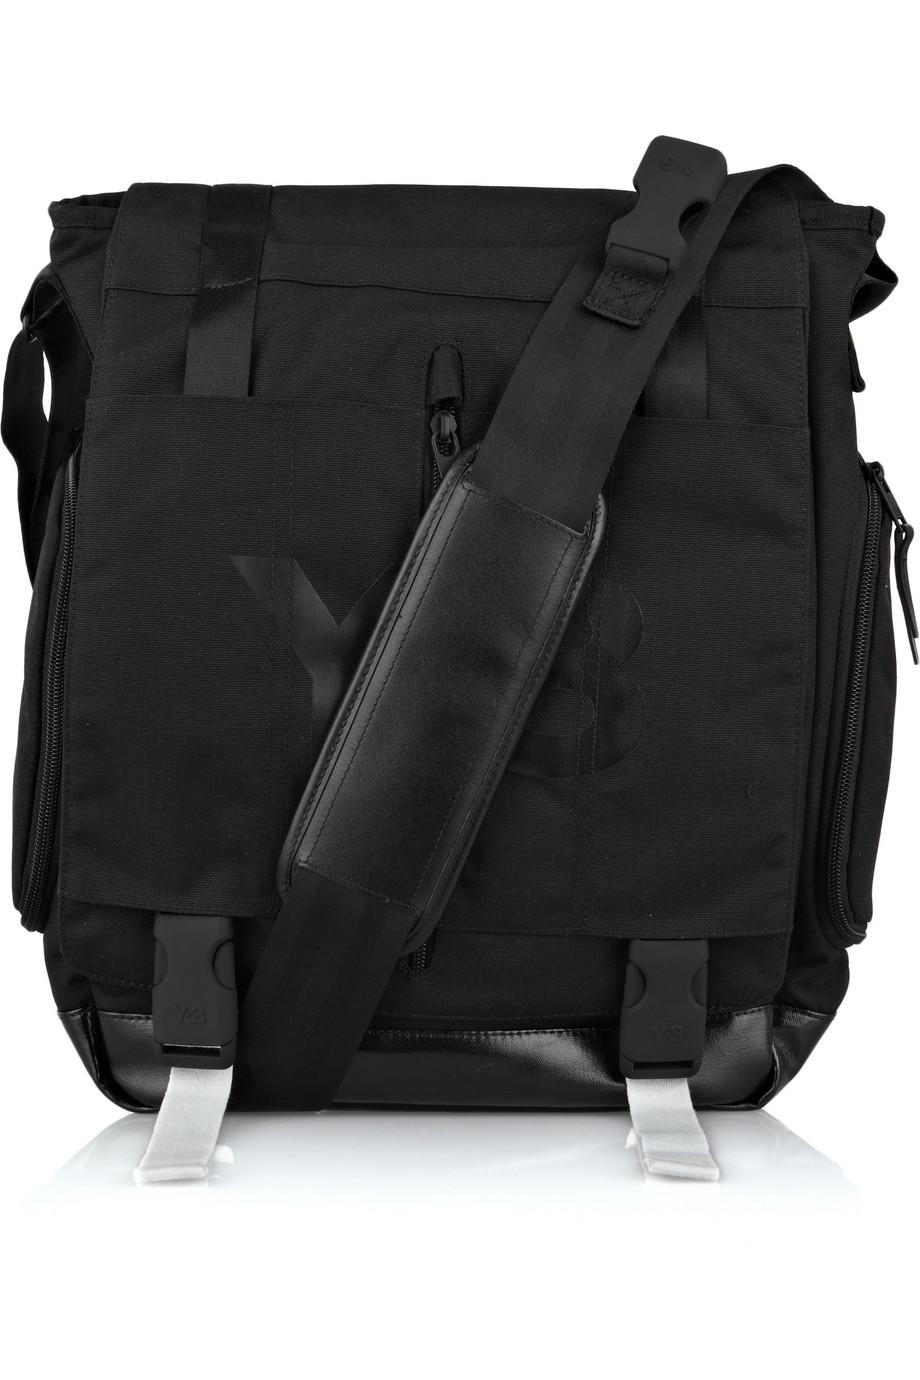 Lyst - Y-3 Canvas Messenger Bag in Black 977199bb88fd4